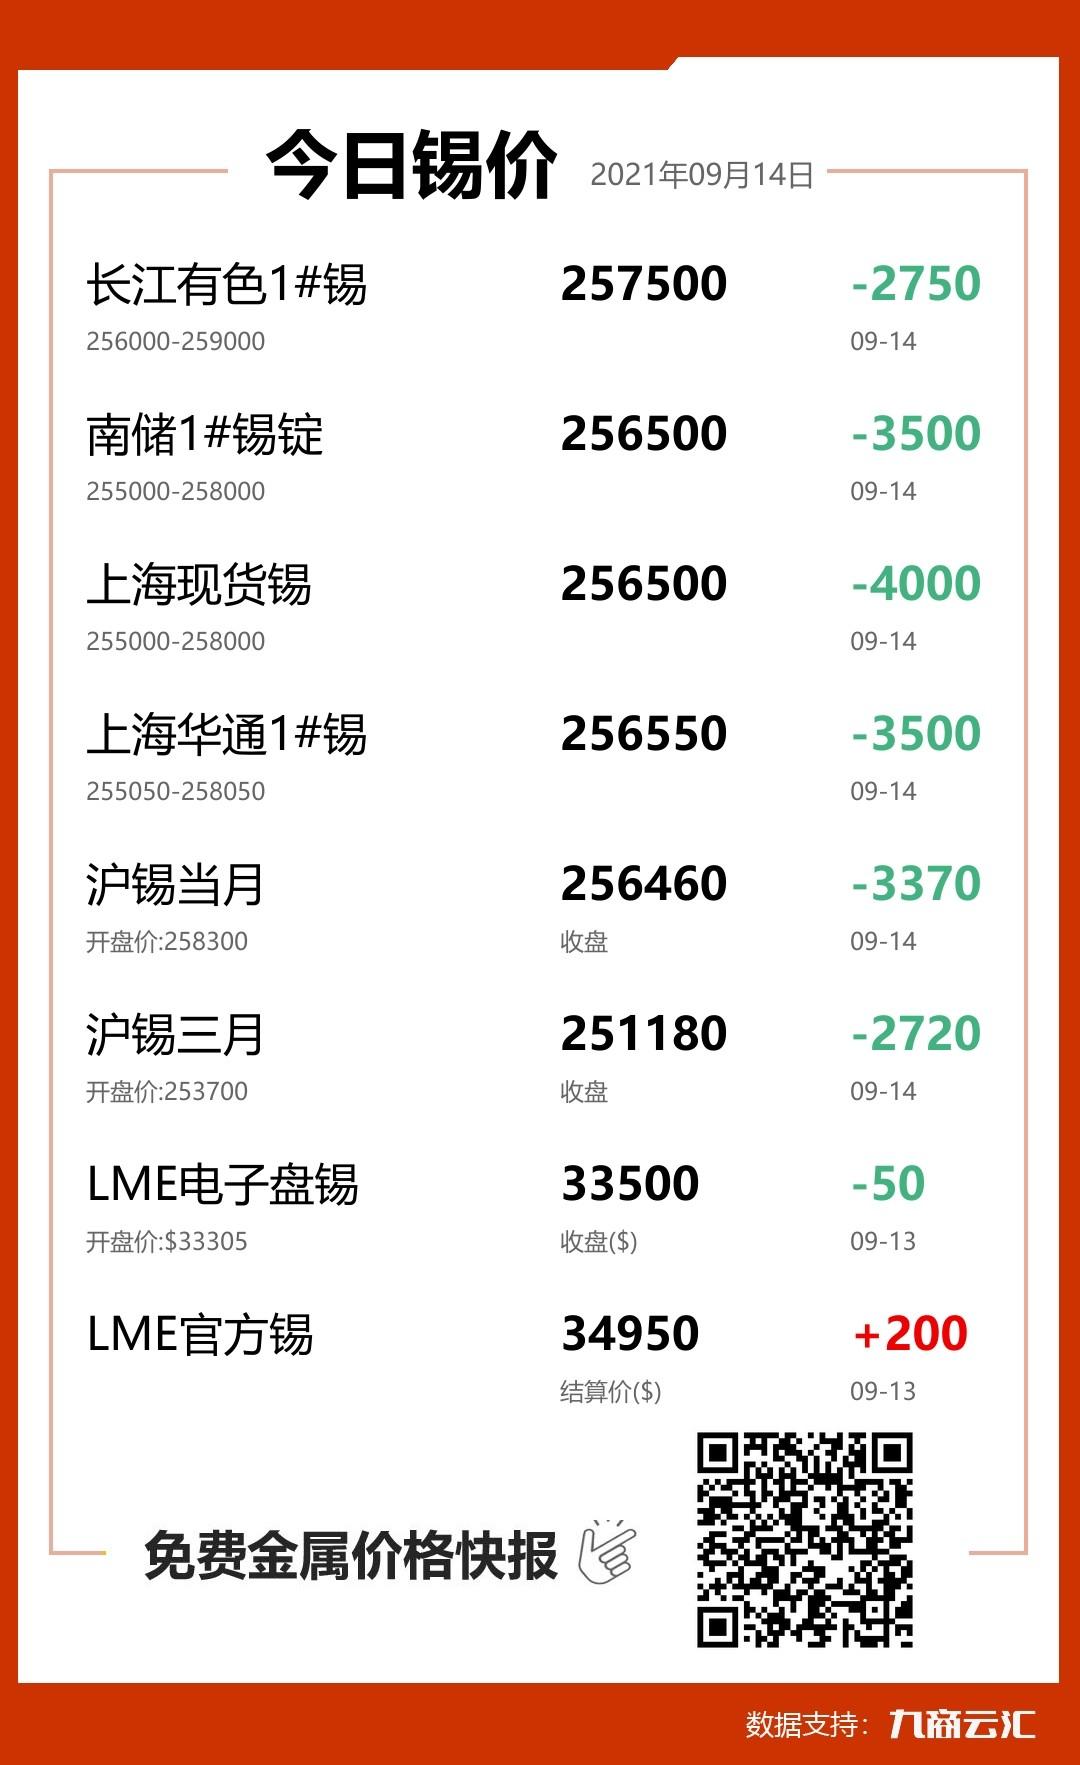 2021年09月14日云汇锡价行情:今日锡价大跌